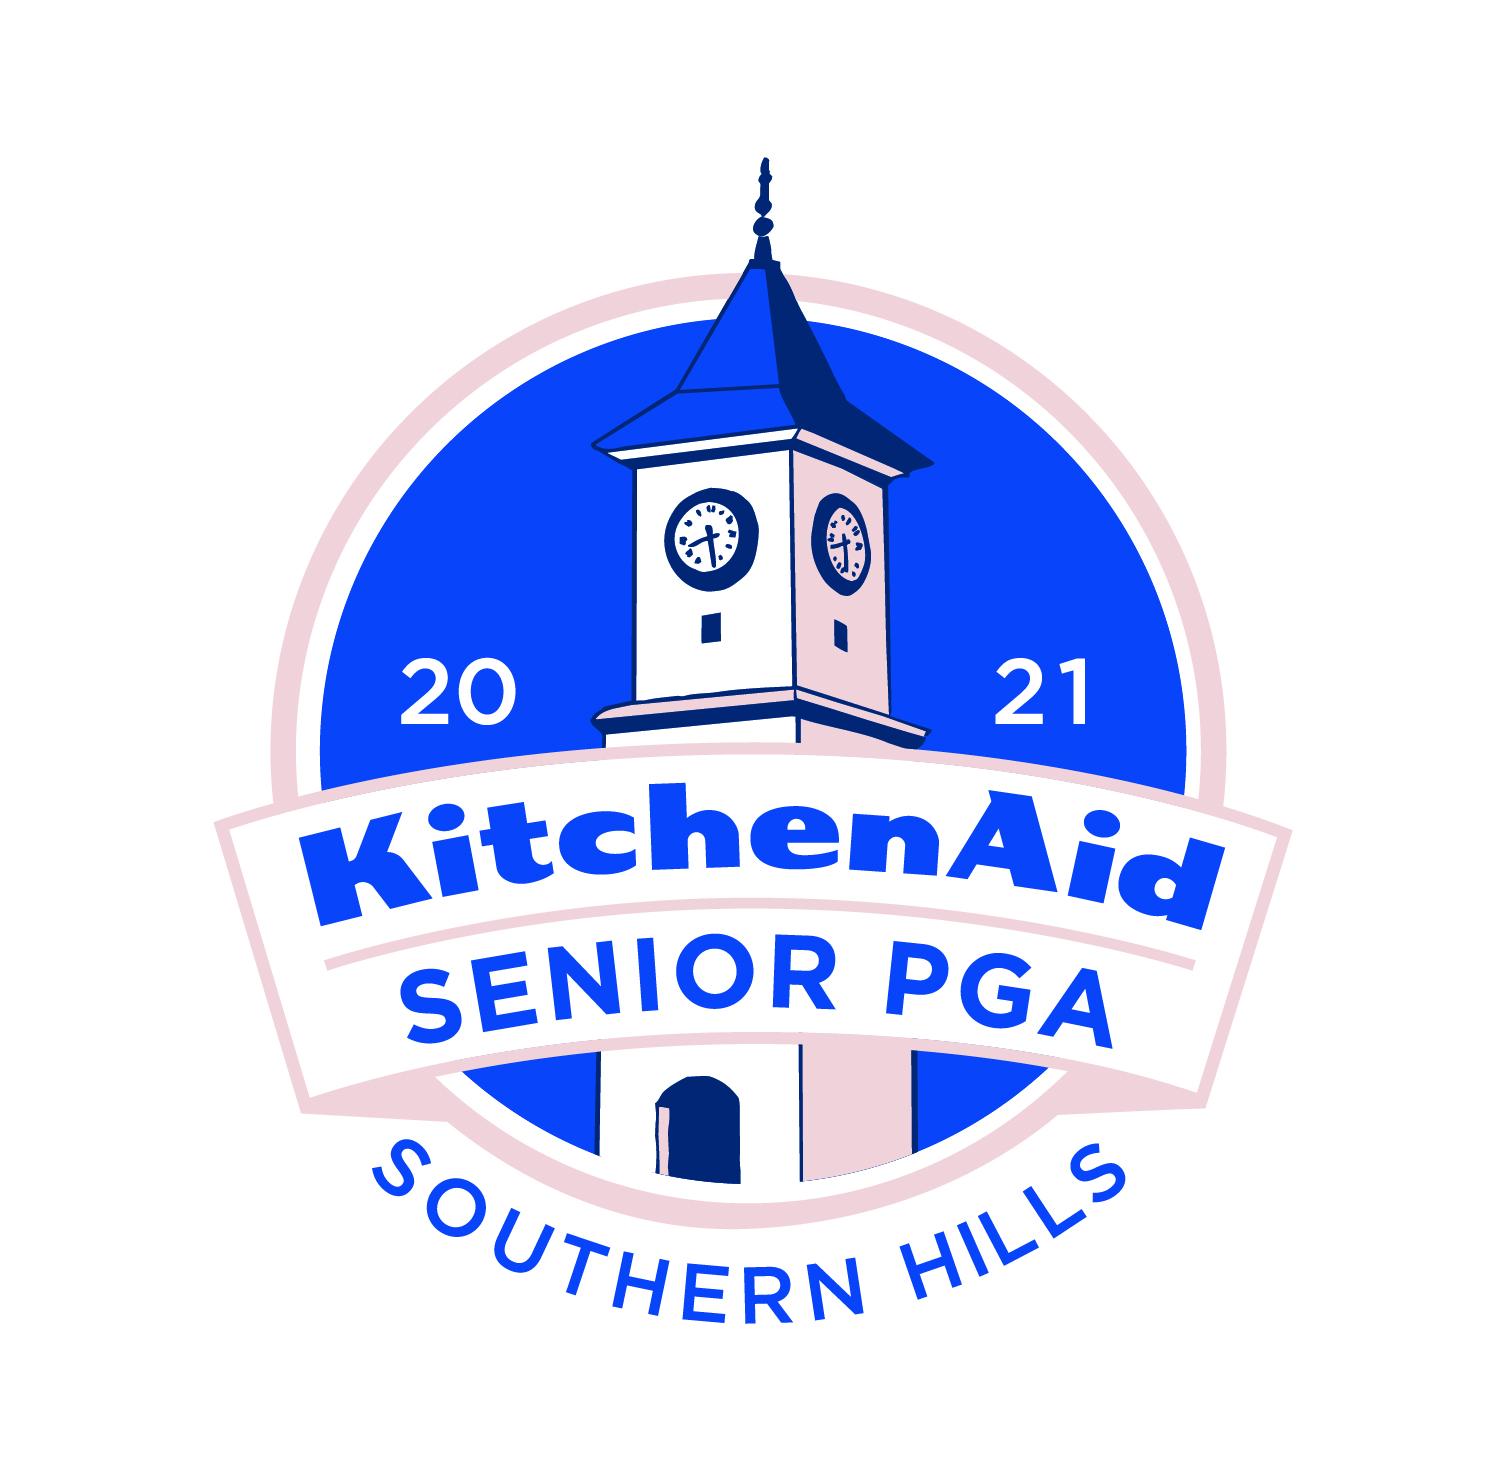 Kitchenaid Senior PGA Championship